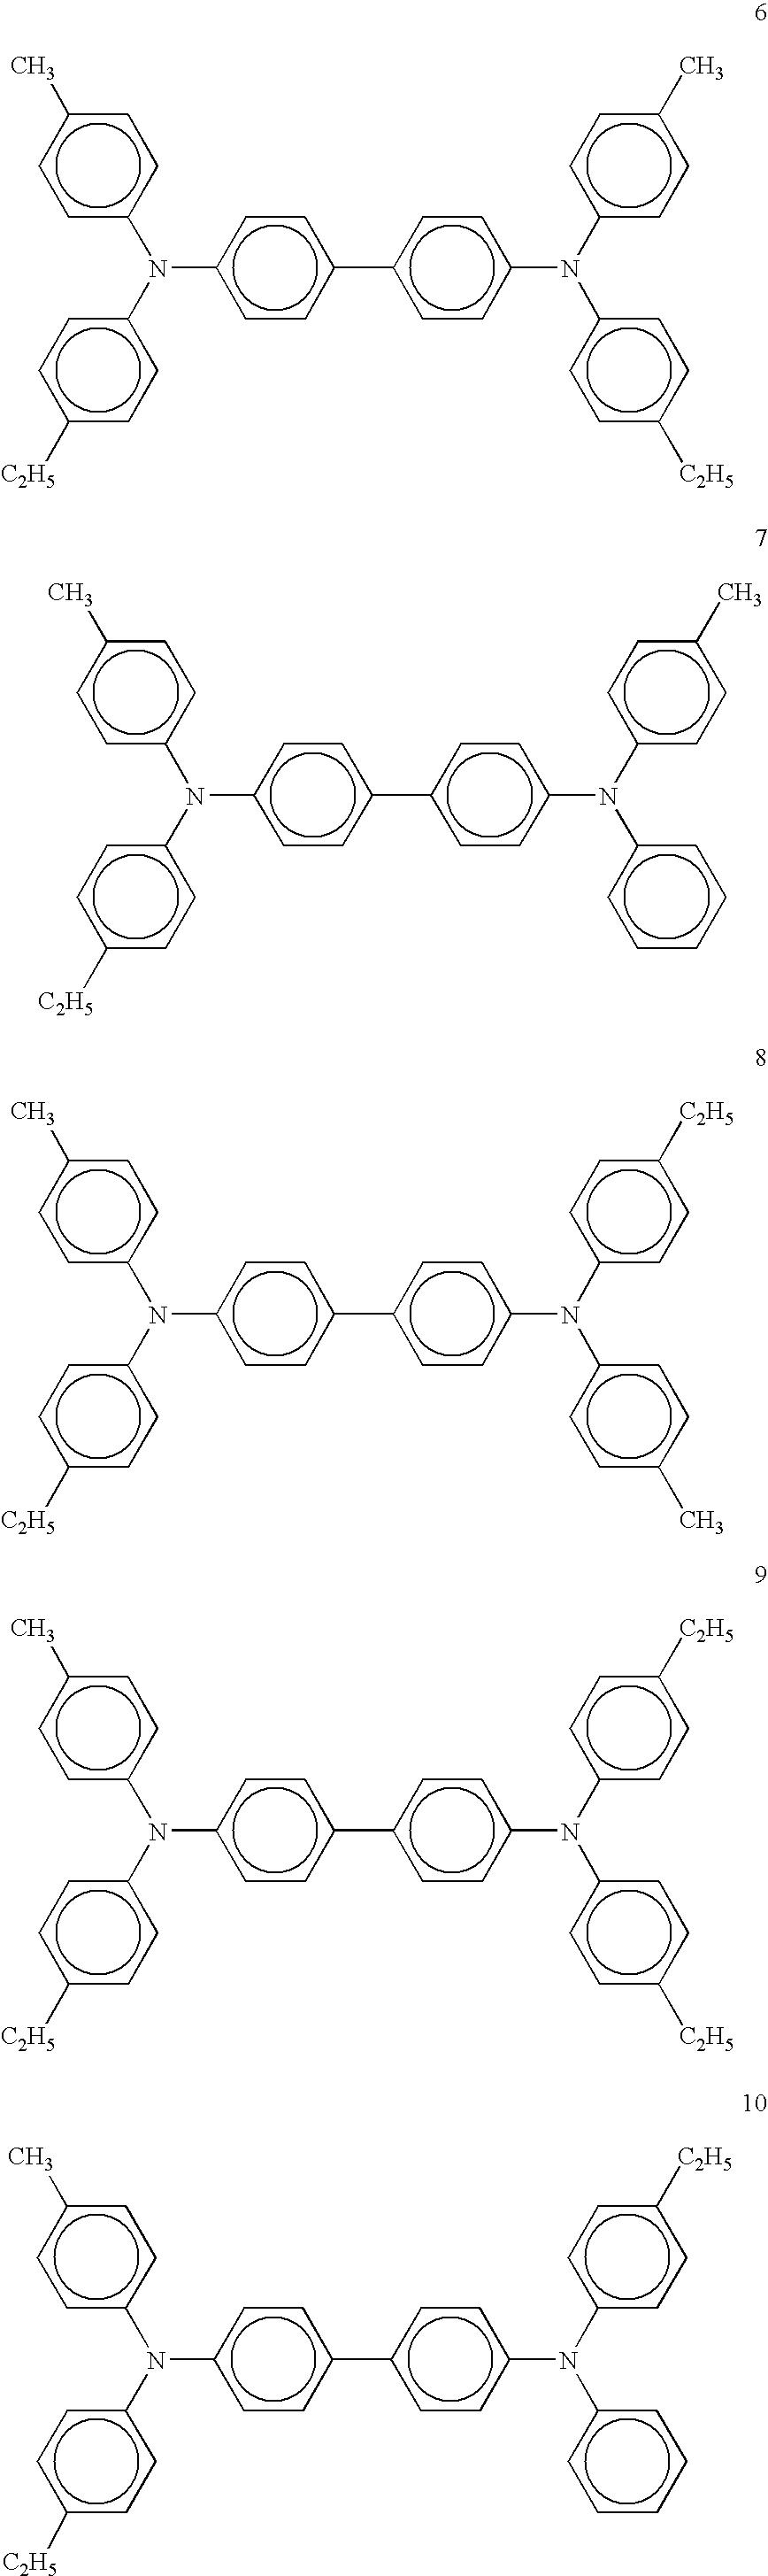 Figure US20040105614A1-20040603-C00005